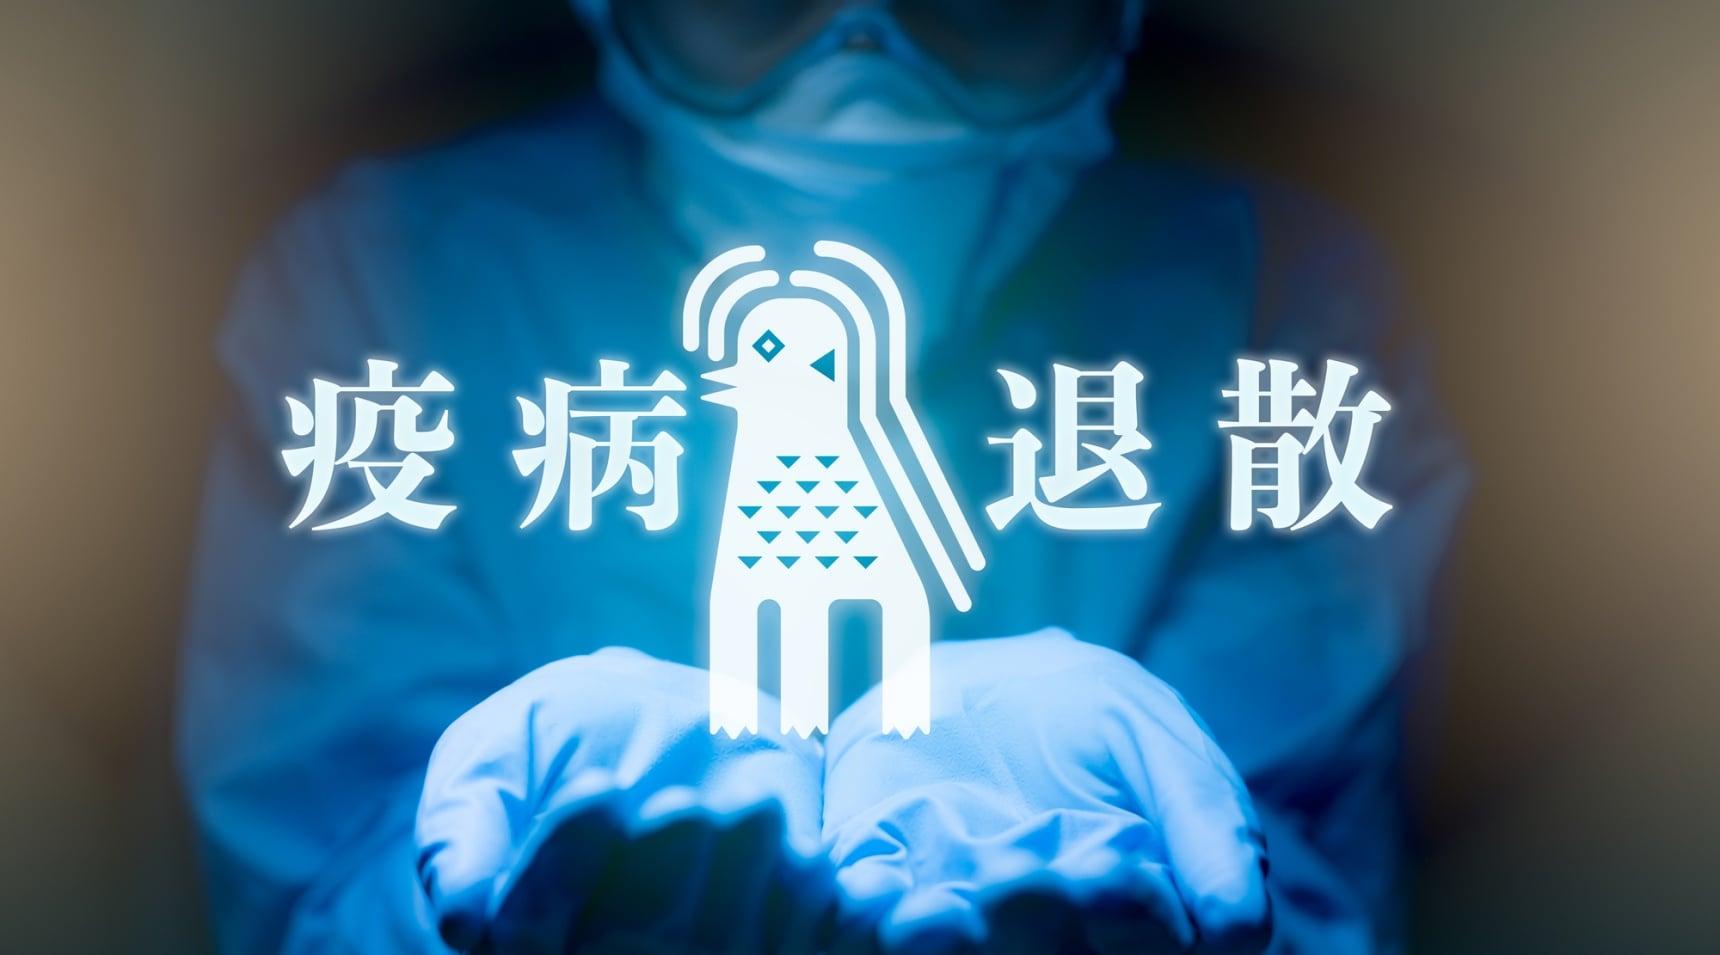 疫病退散!流傳在古代日本民間的防疫妖怪?